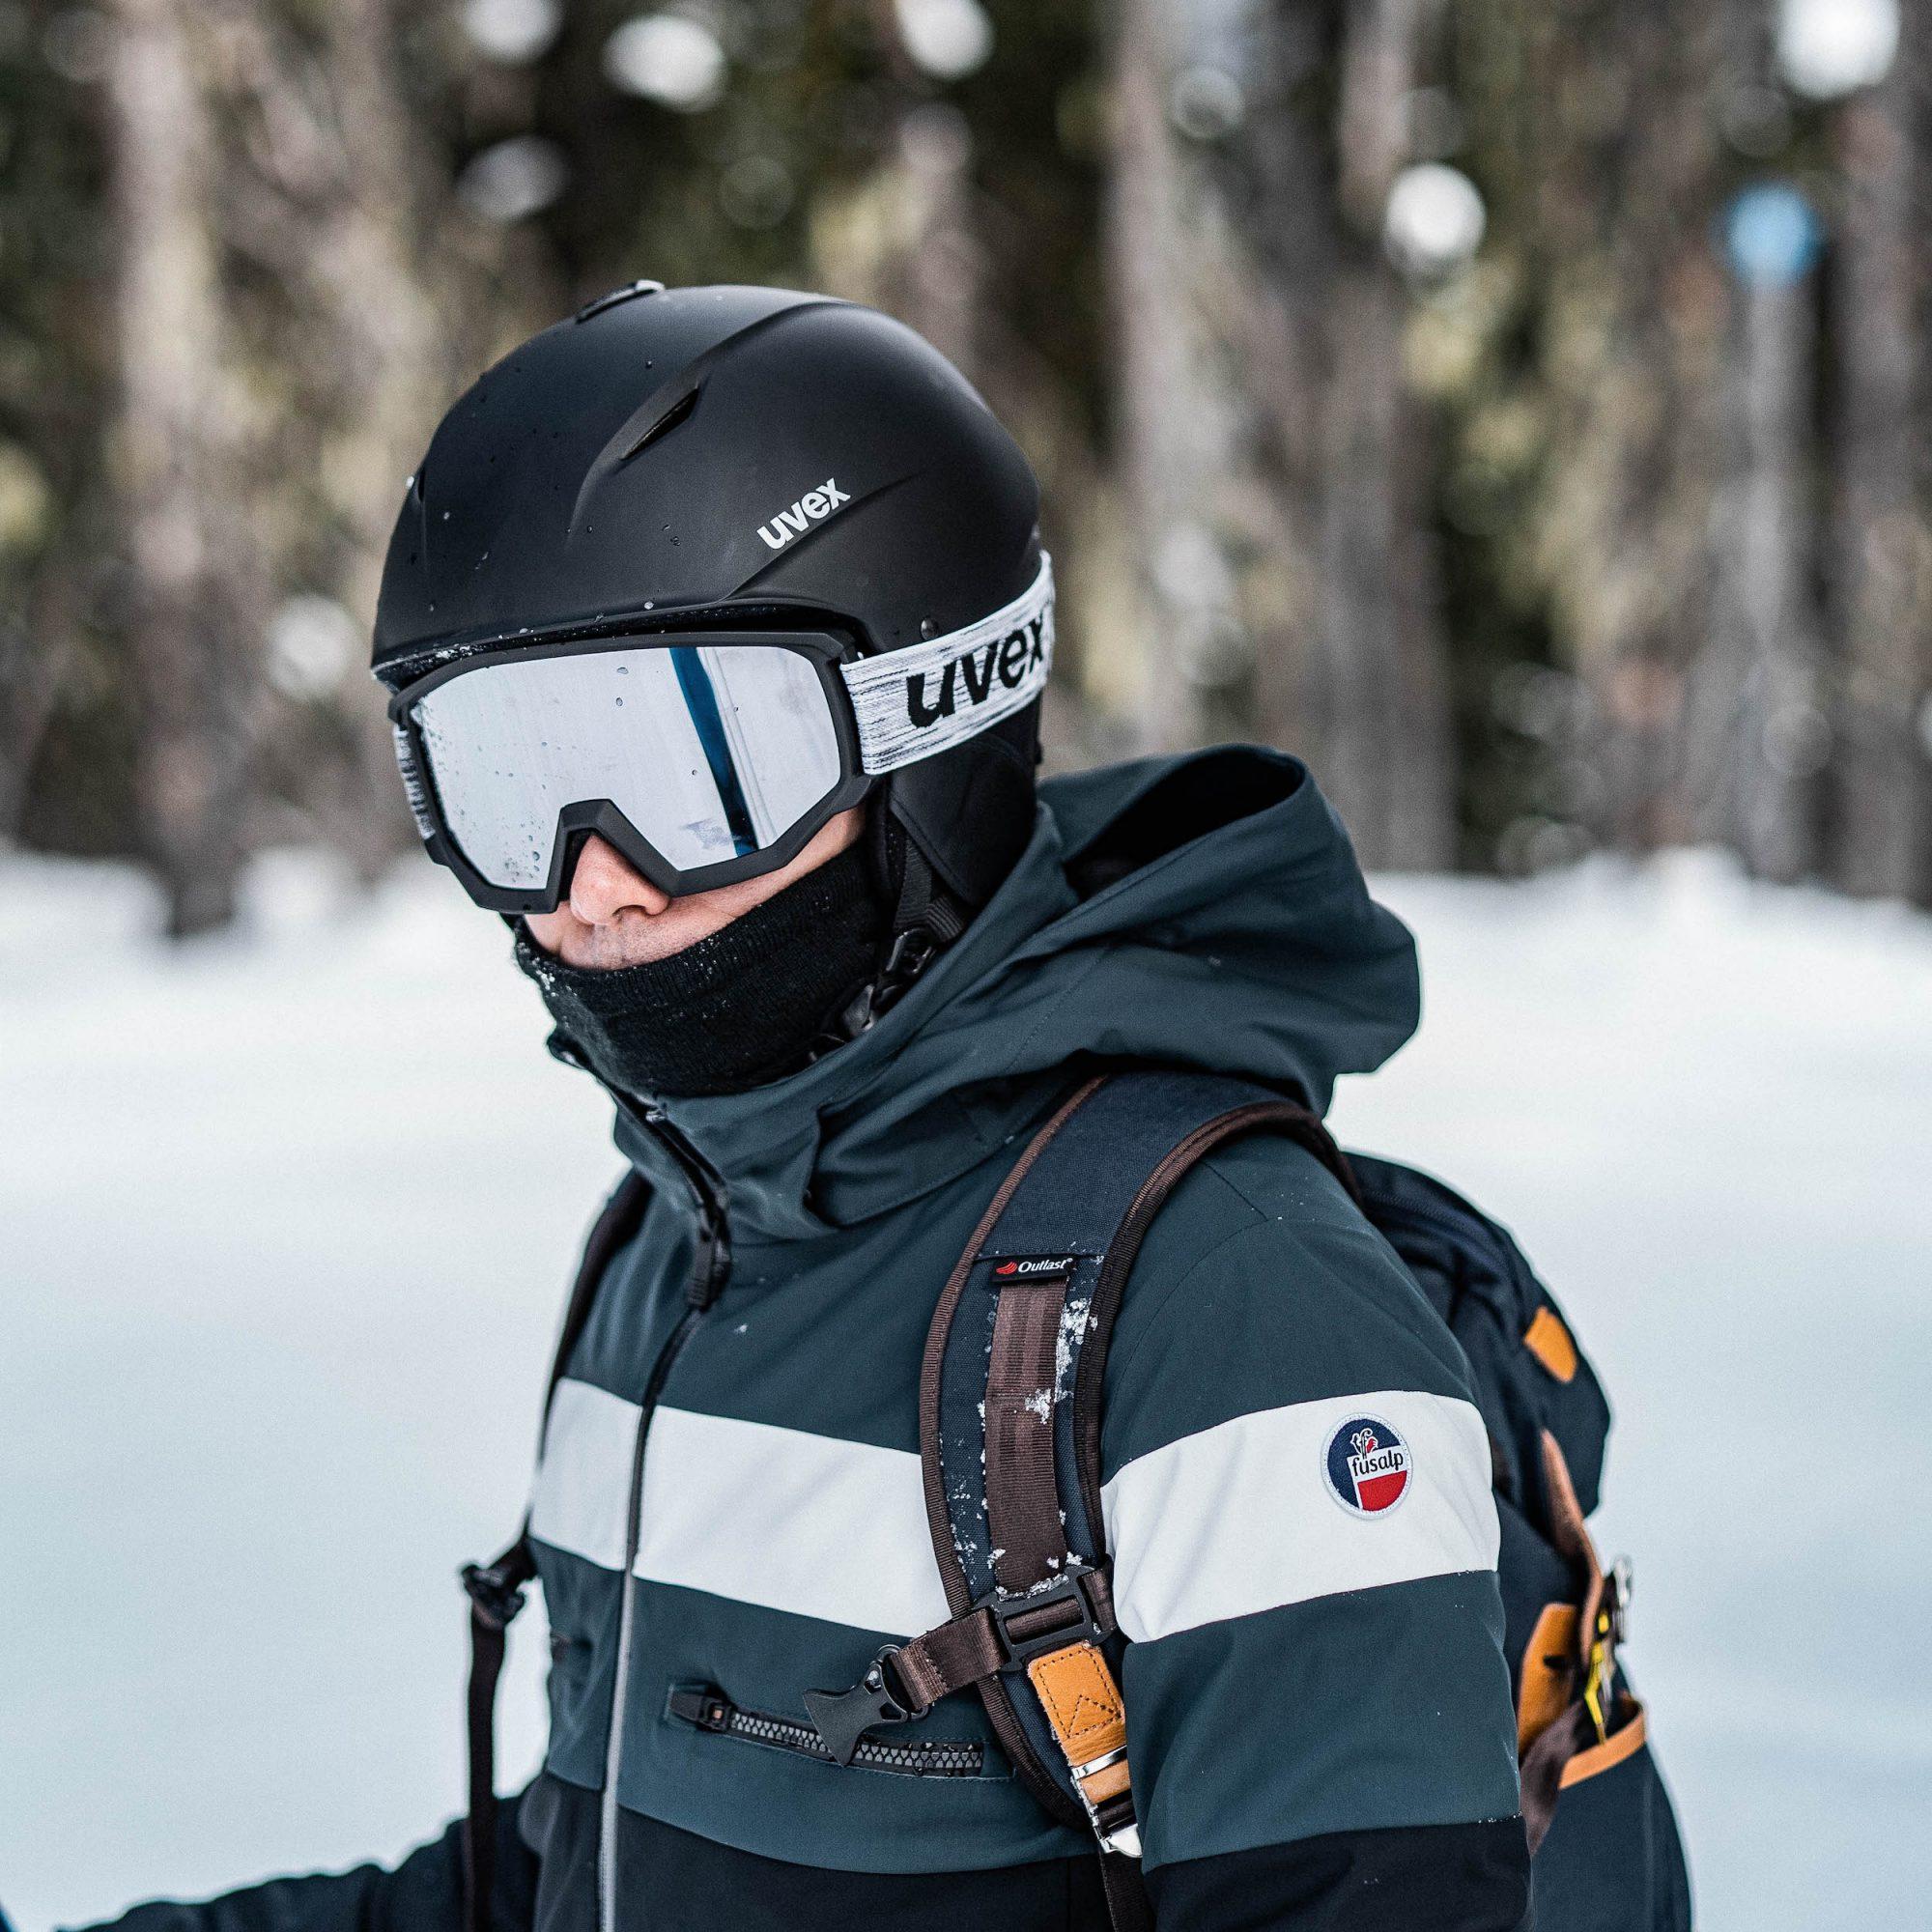 comment habiller pour aller skier homme